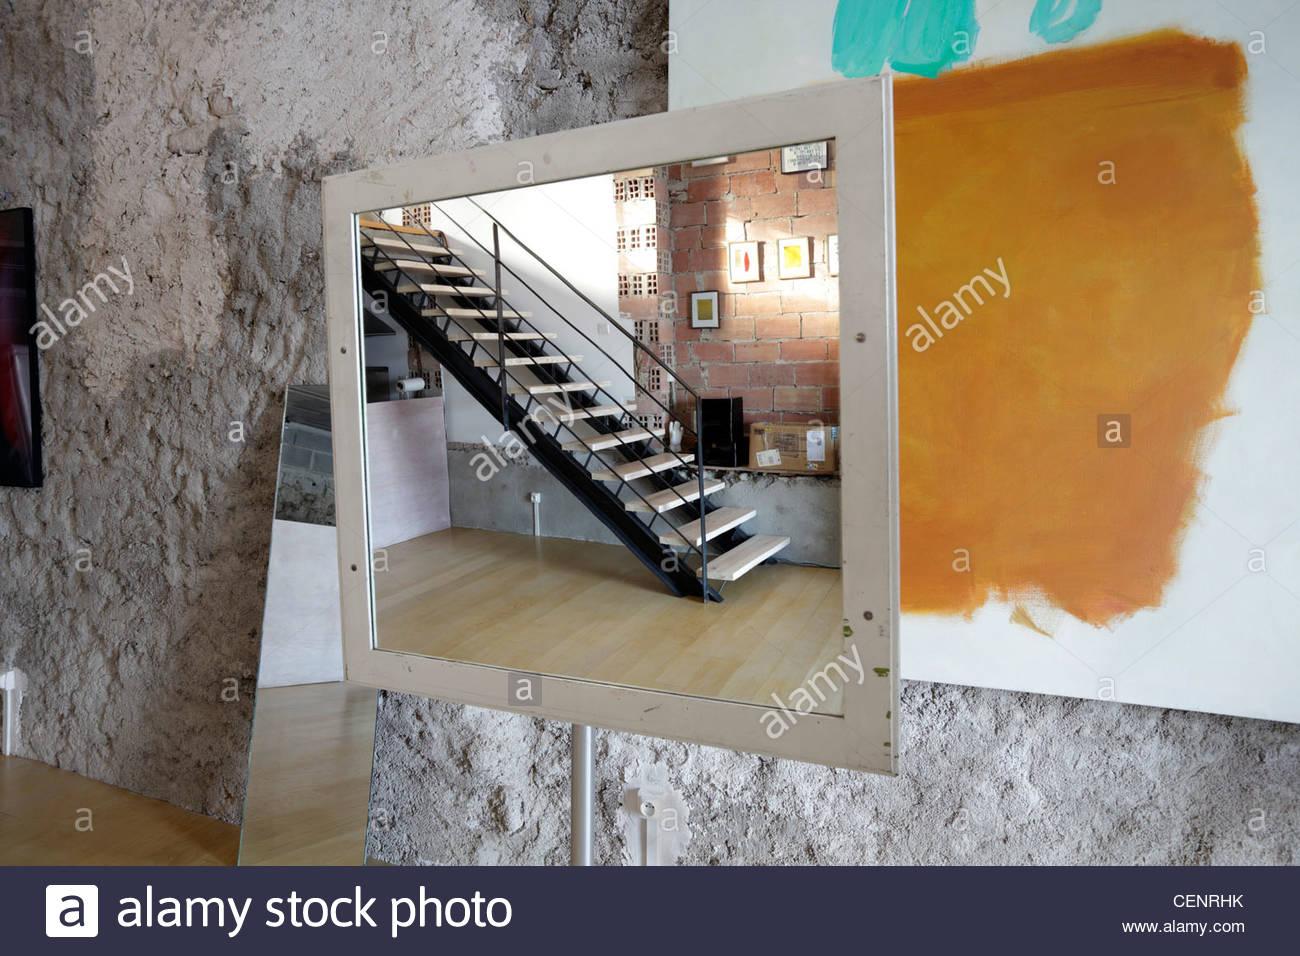 Spiegel in einem Raum mit Kunstwerken an den Wänden platziert. Stockbild